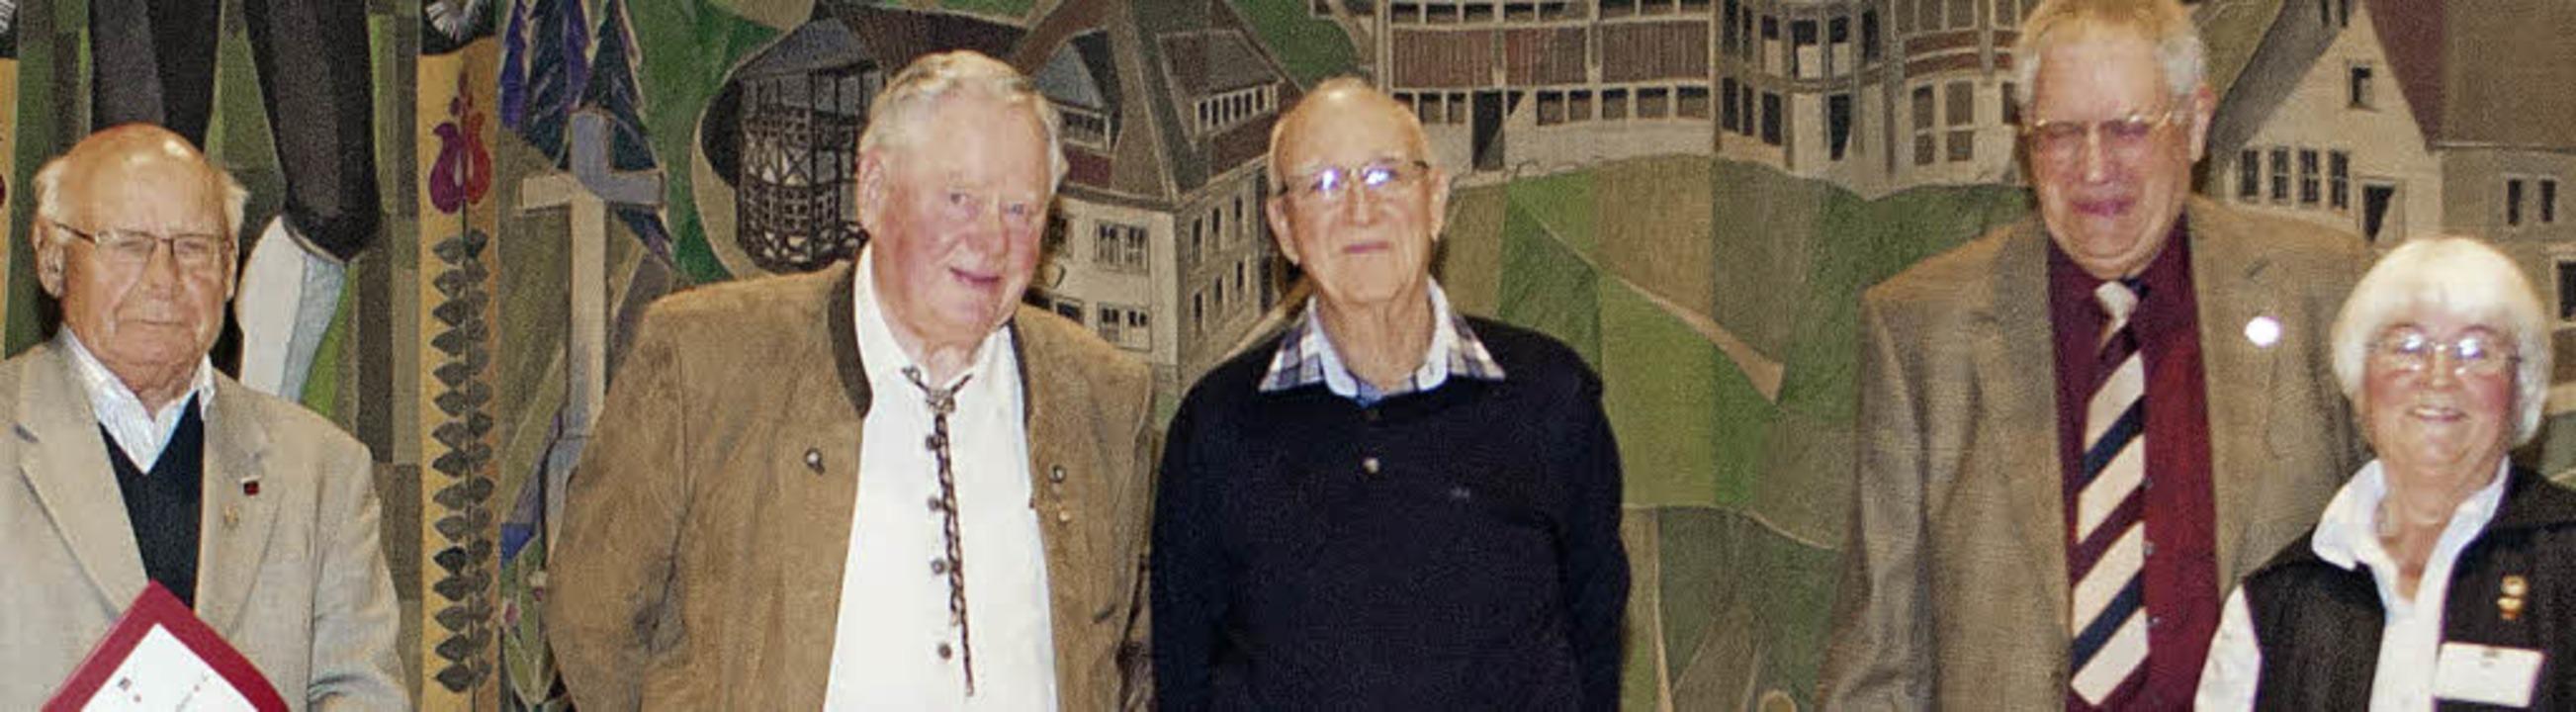 Geehrte Ehrenmitglieder (von links): W..., Herbert Wankum und Hannelore Lebtig   | Foto: Barbara Weber